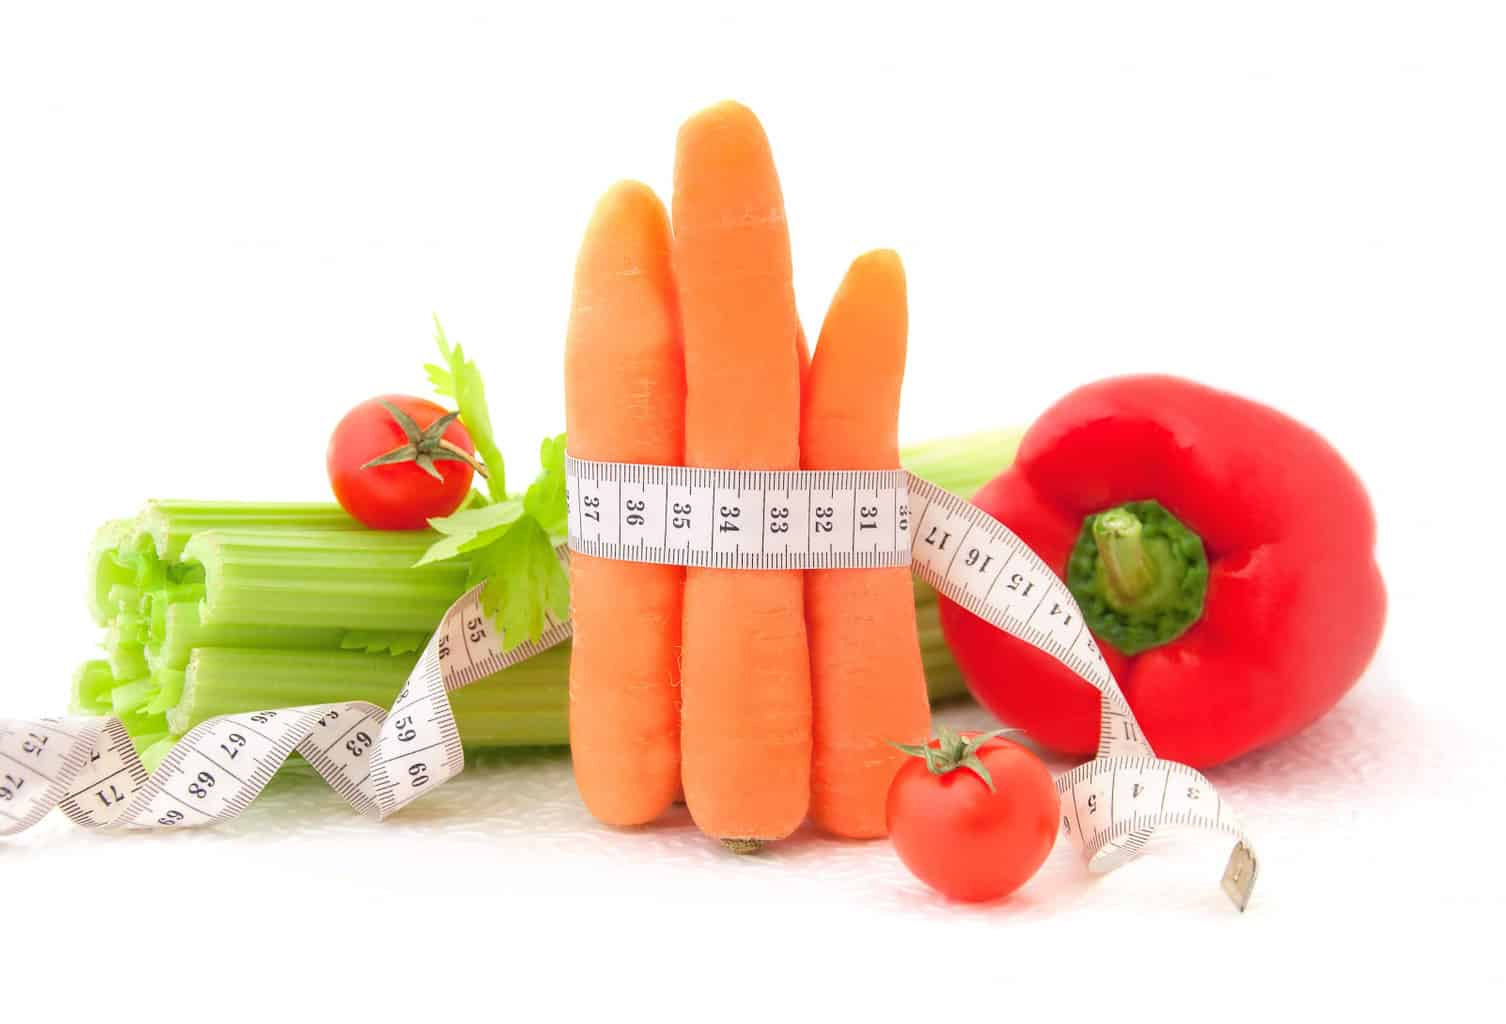 Как похудеть без фокусов и магических формул: специалисты по здоровому питанию дают действенные советы